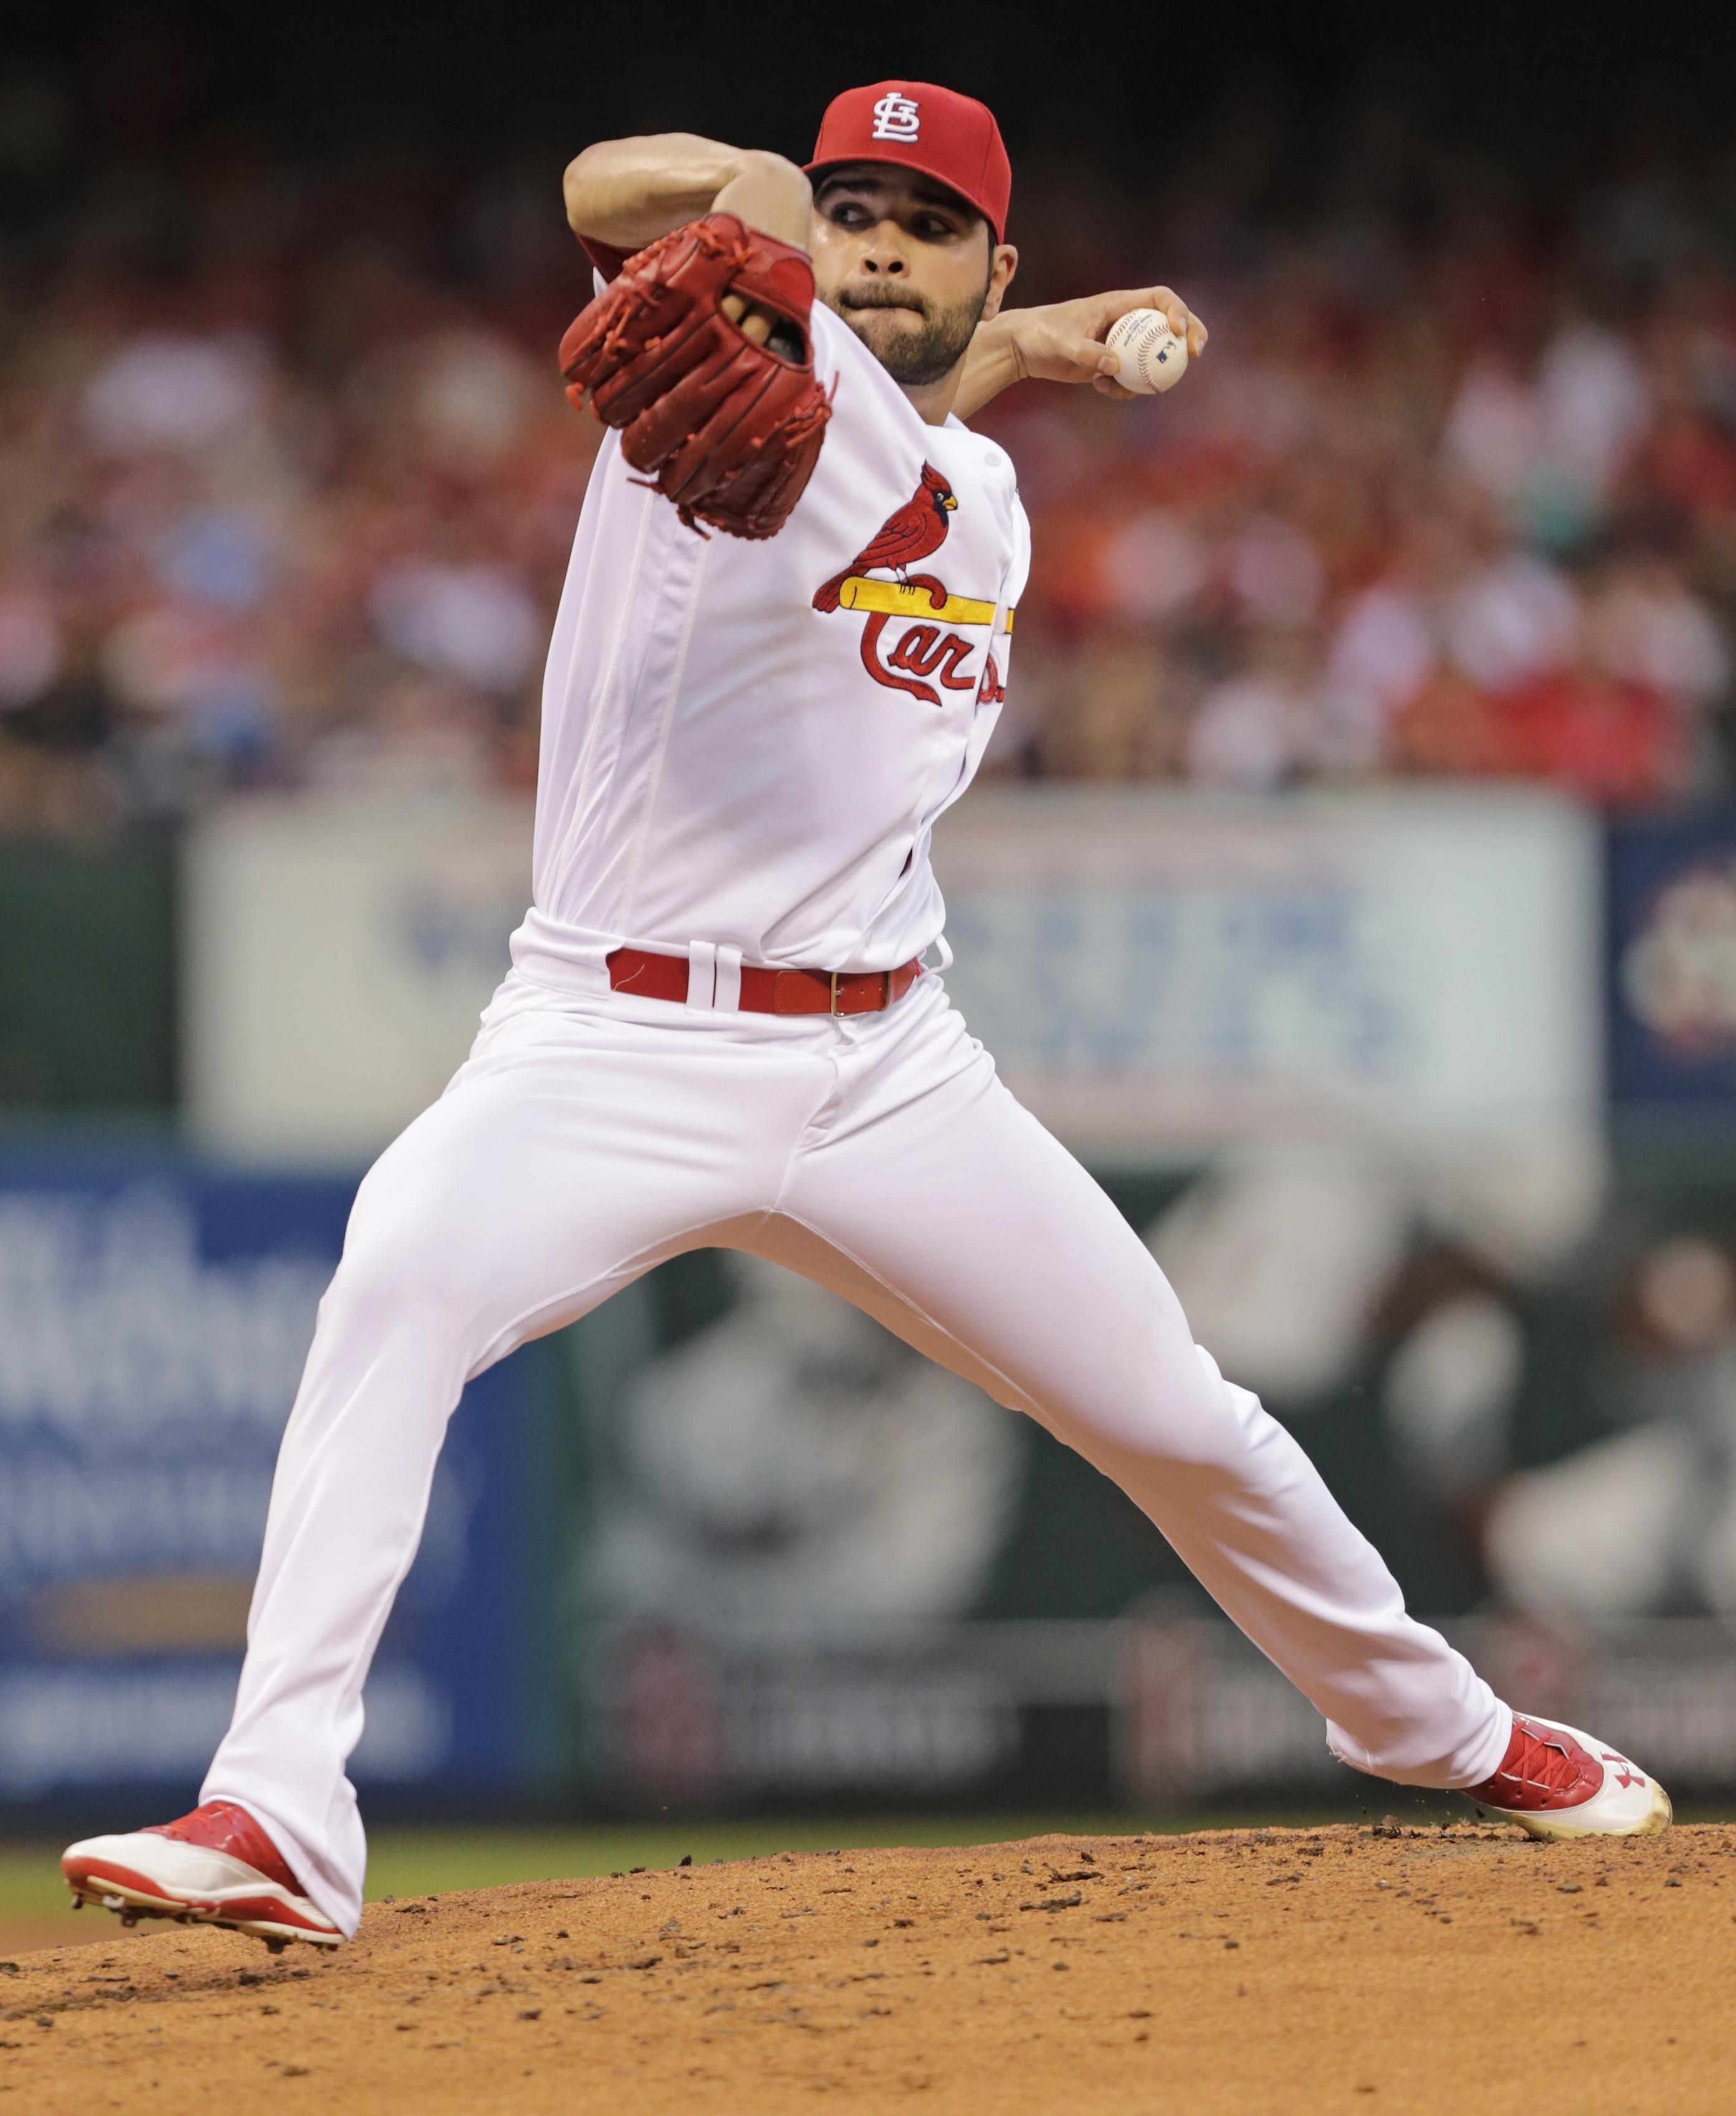 Braves_cardinals_baseball